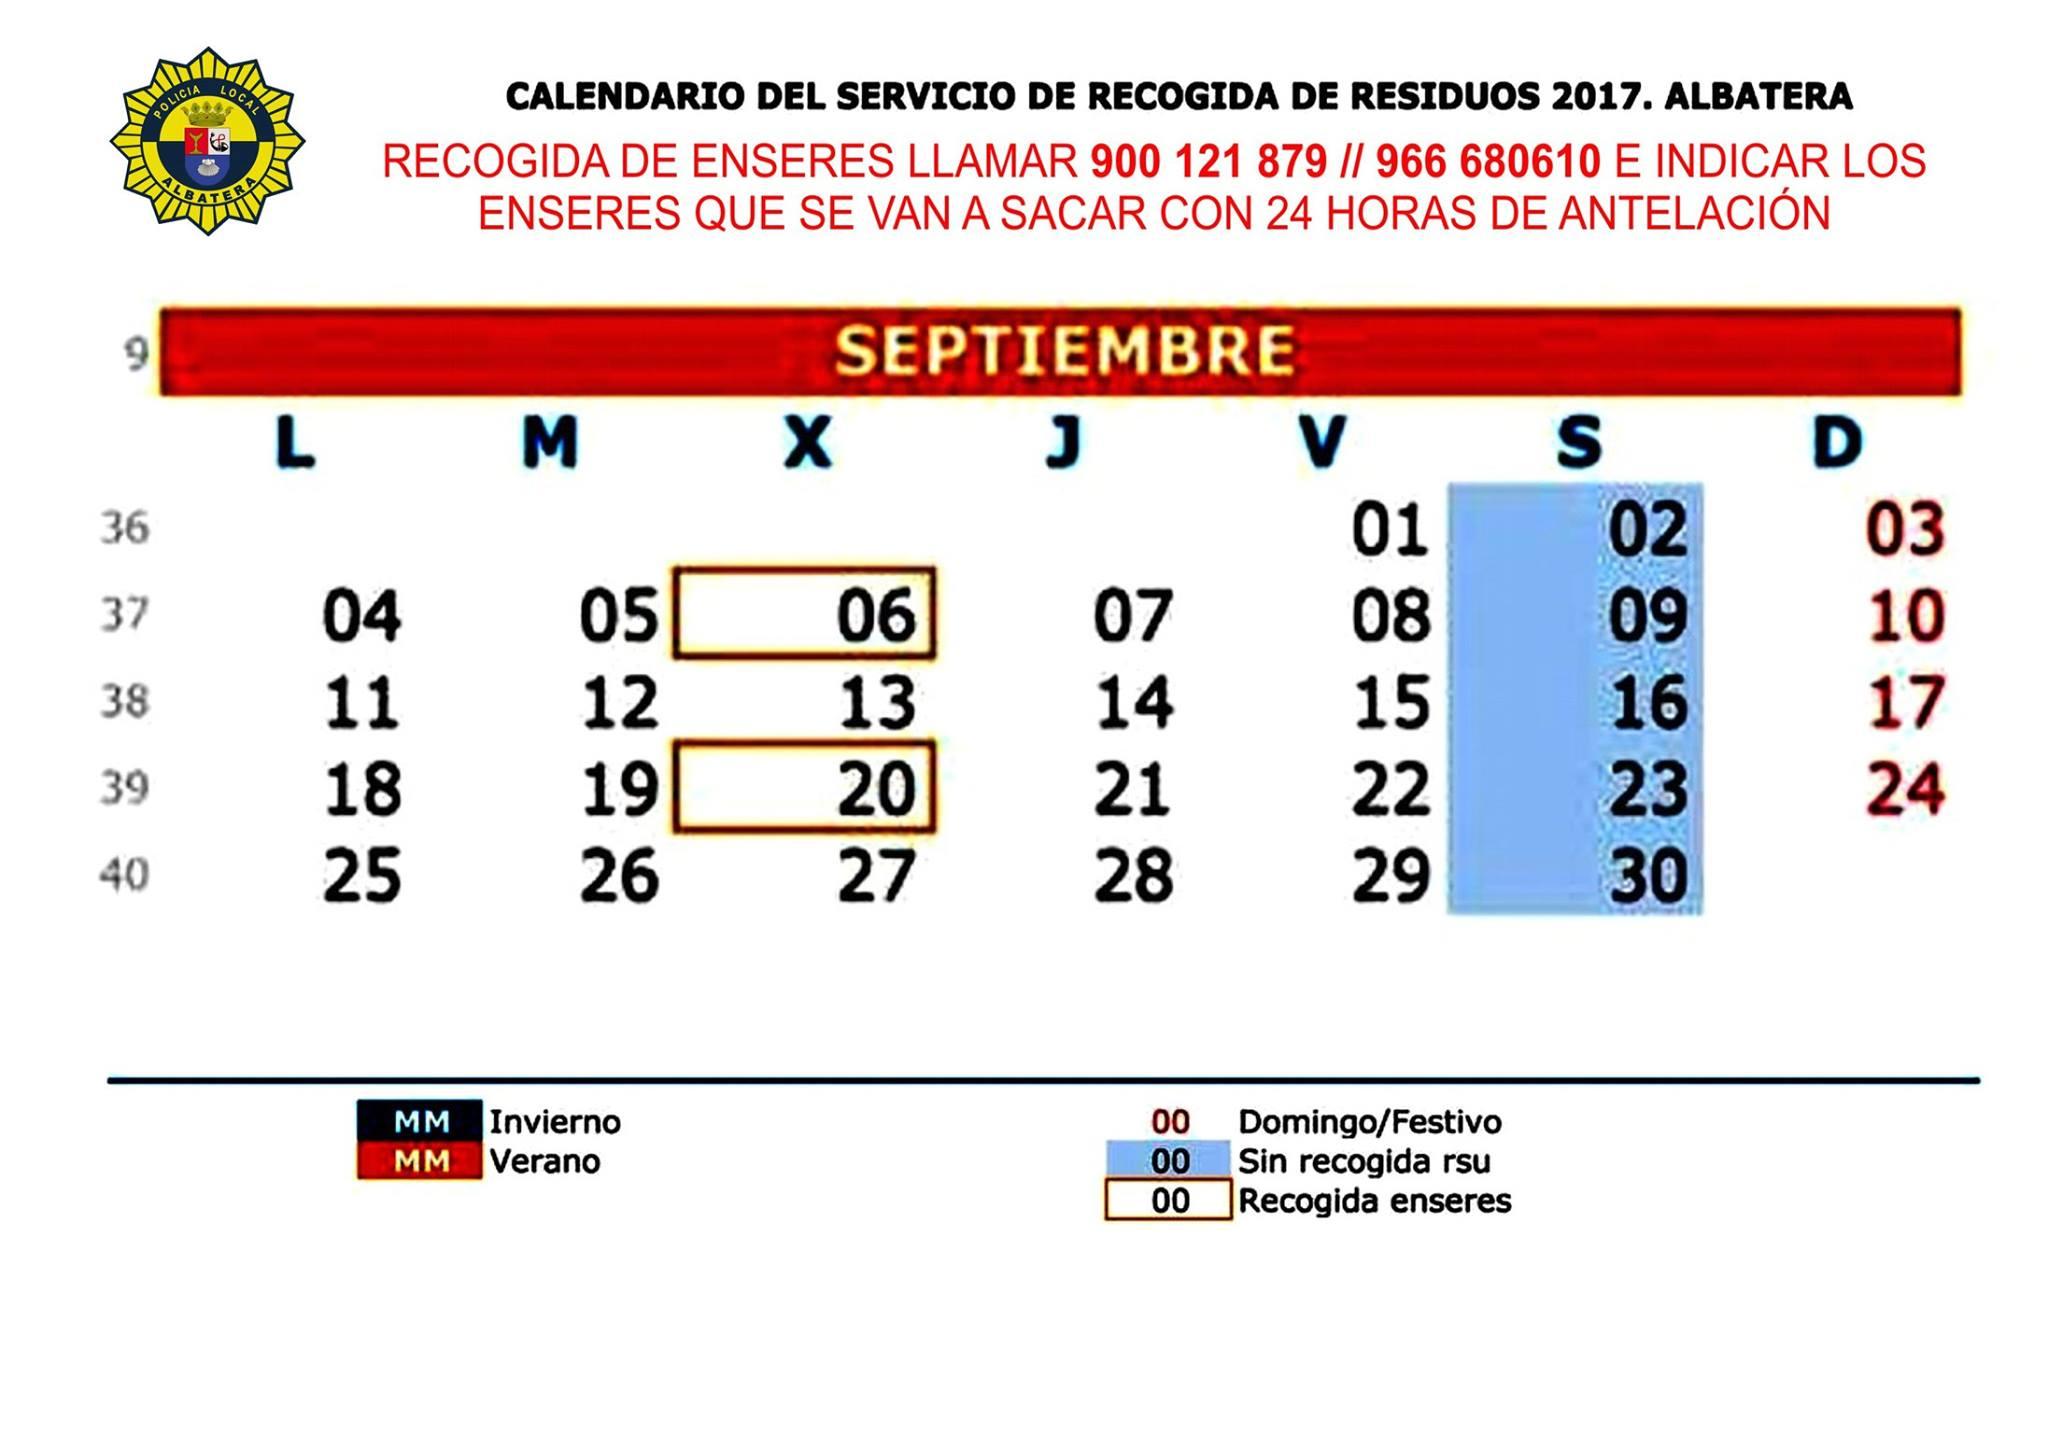 Calendario de farmacias de guardia y recogida de enseres de septiembre albatera actualidad - Farmacia guardia puerto del rosario ...